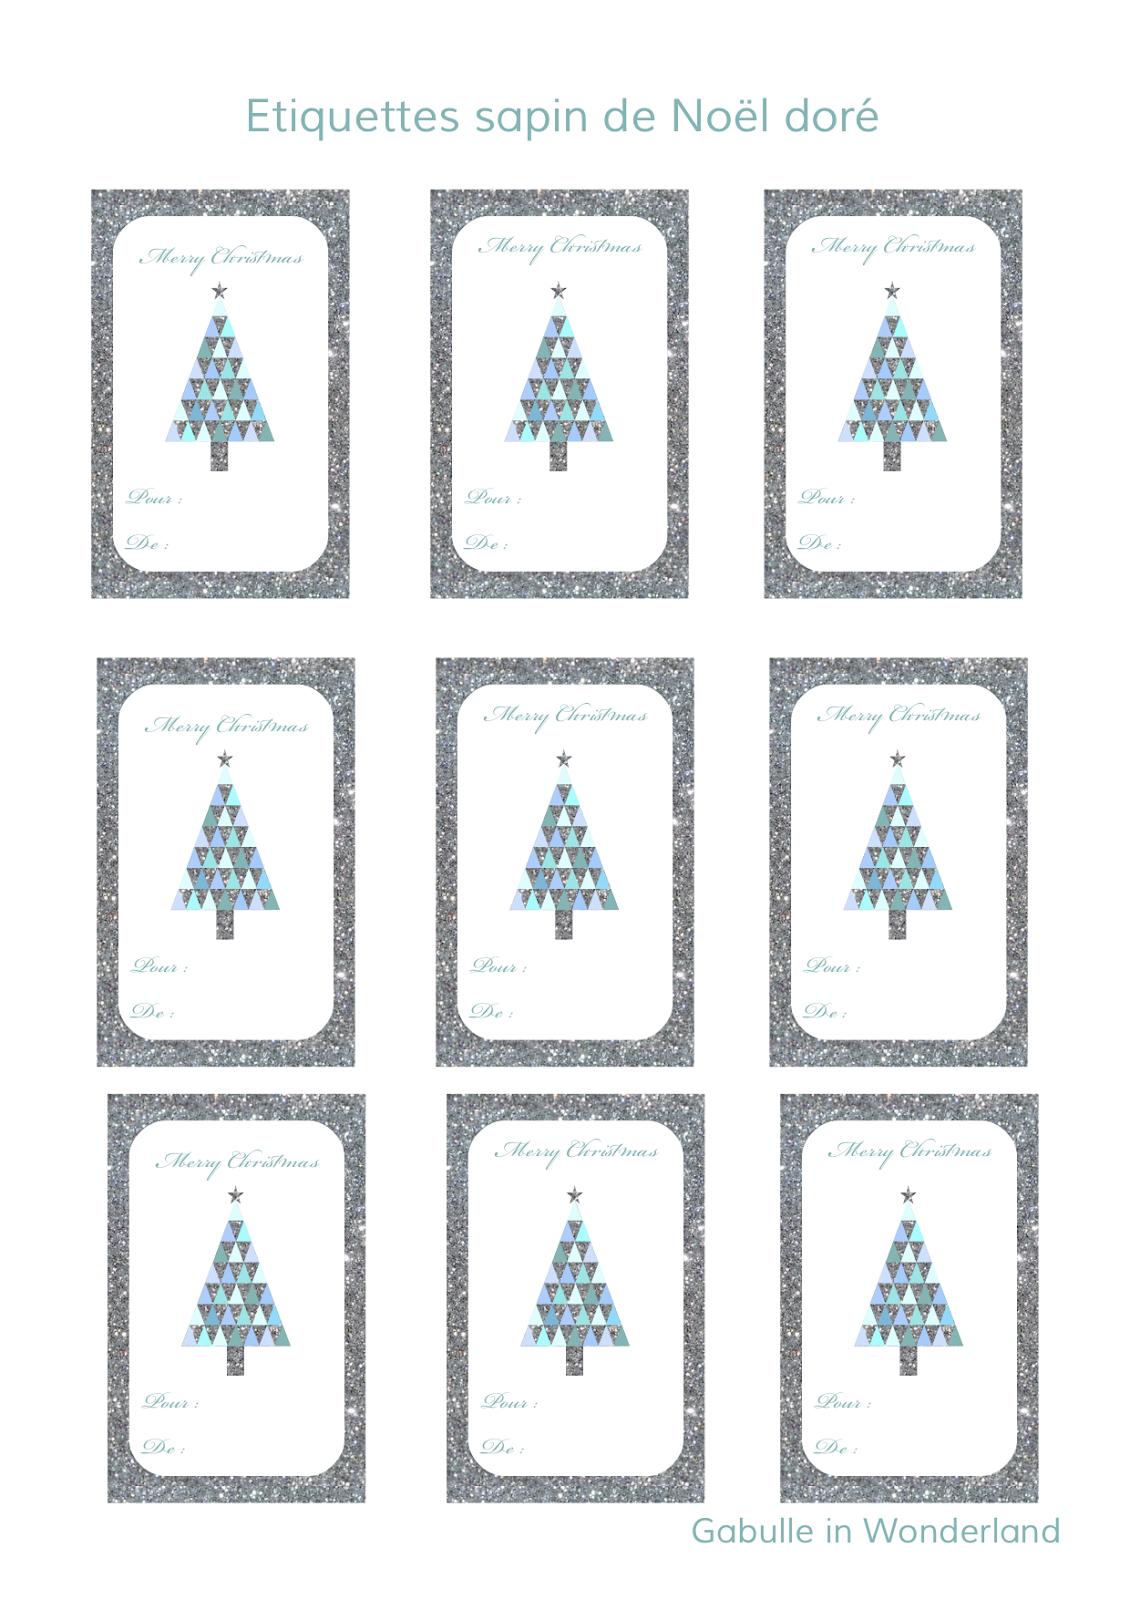 Gabulle In Wonderland: Etiquettes À Imprimer Pour Vos concernant Etiquette Noel À Imprimer